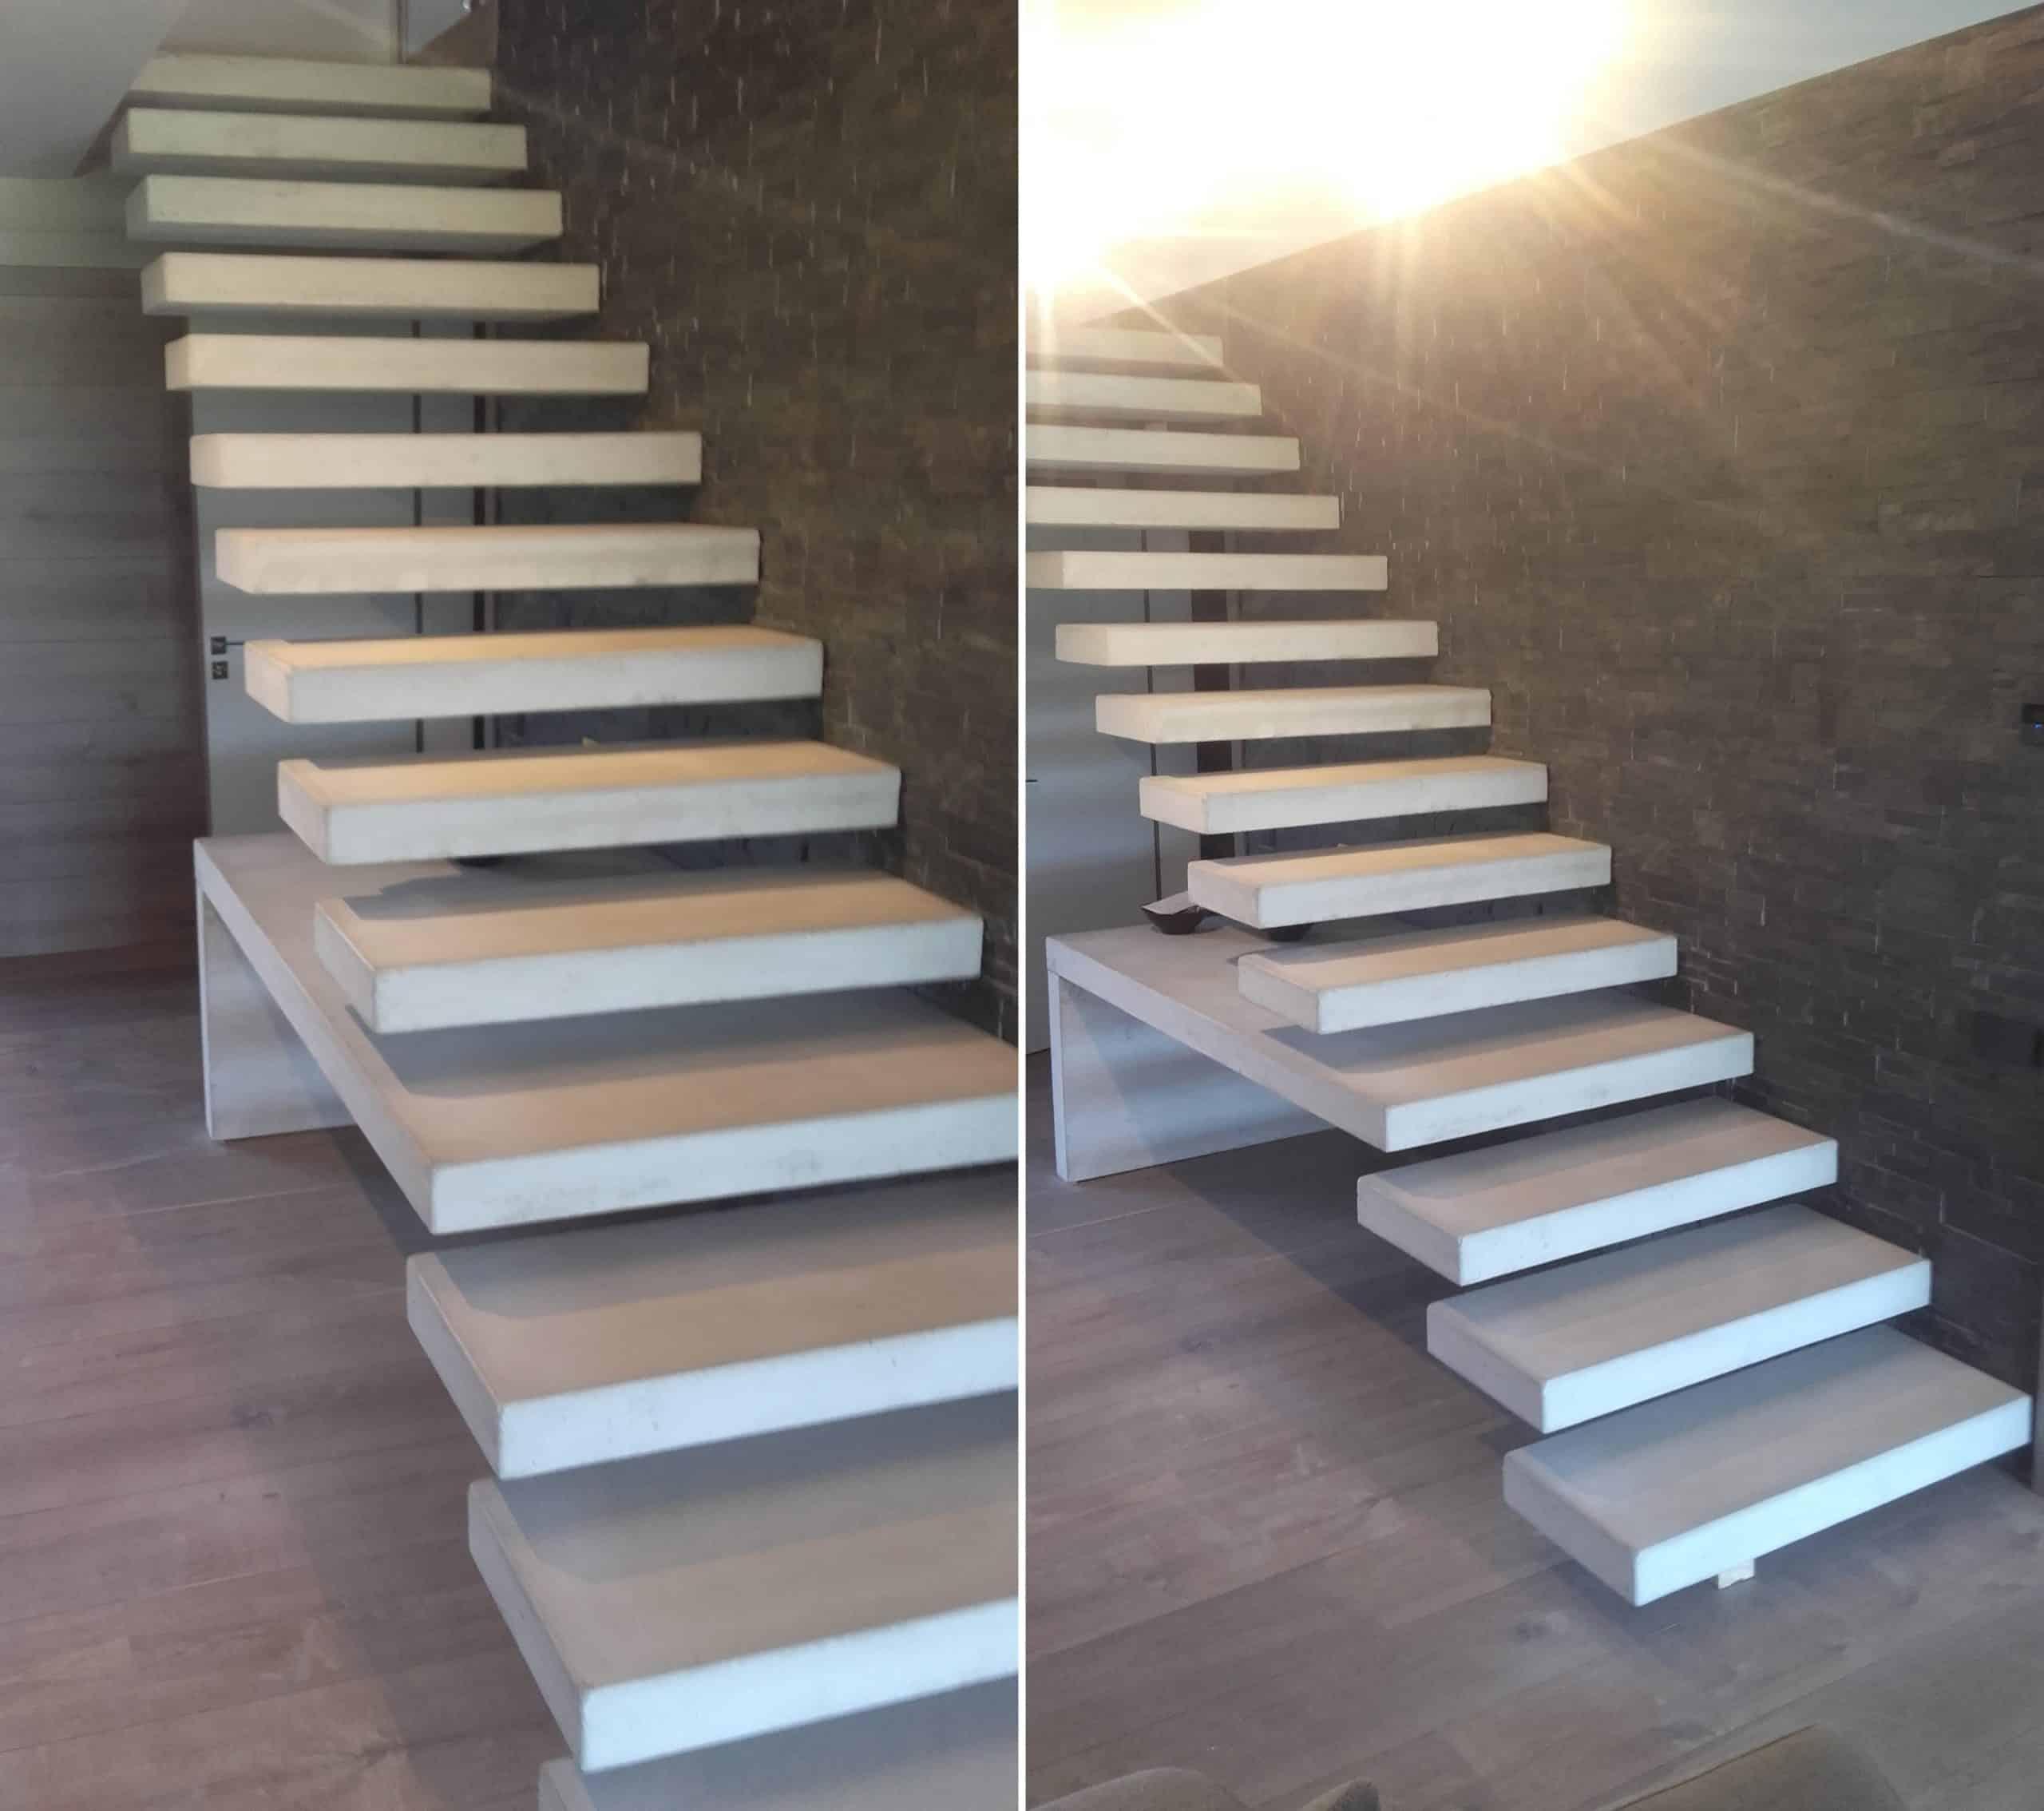 Escalera de hormig n empotrada predecat - Escalera prefabricada de hormigon ...